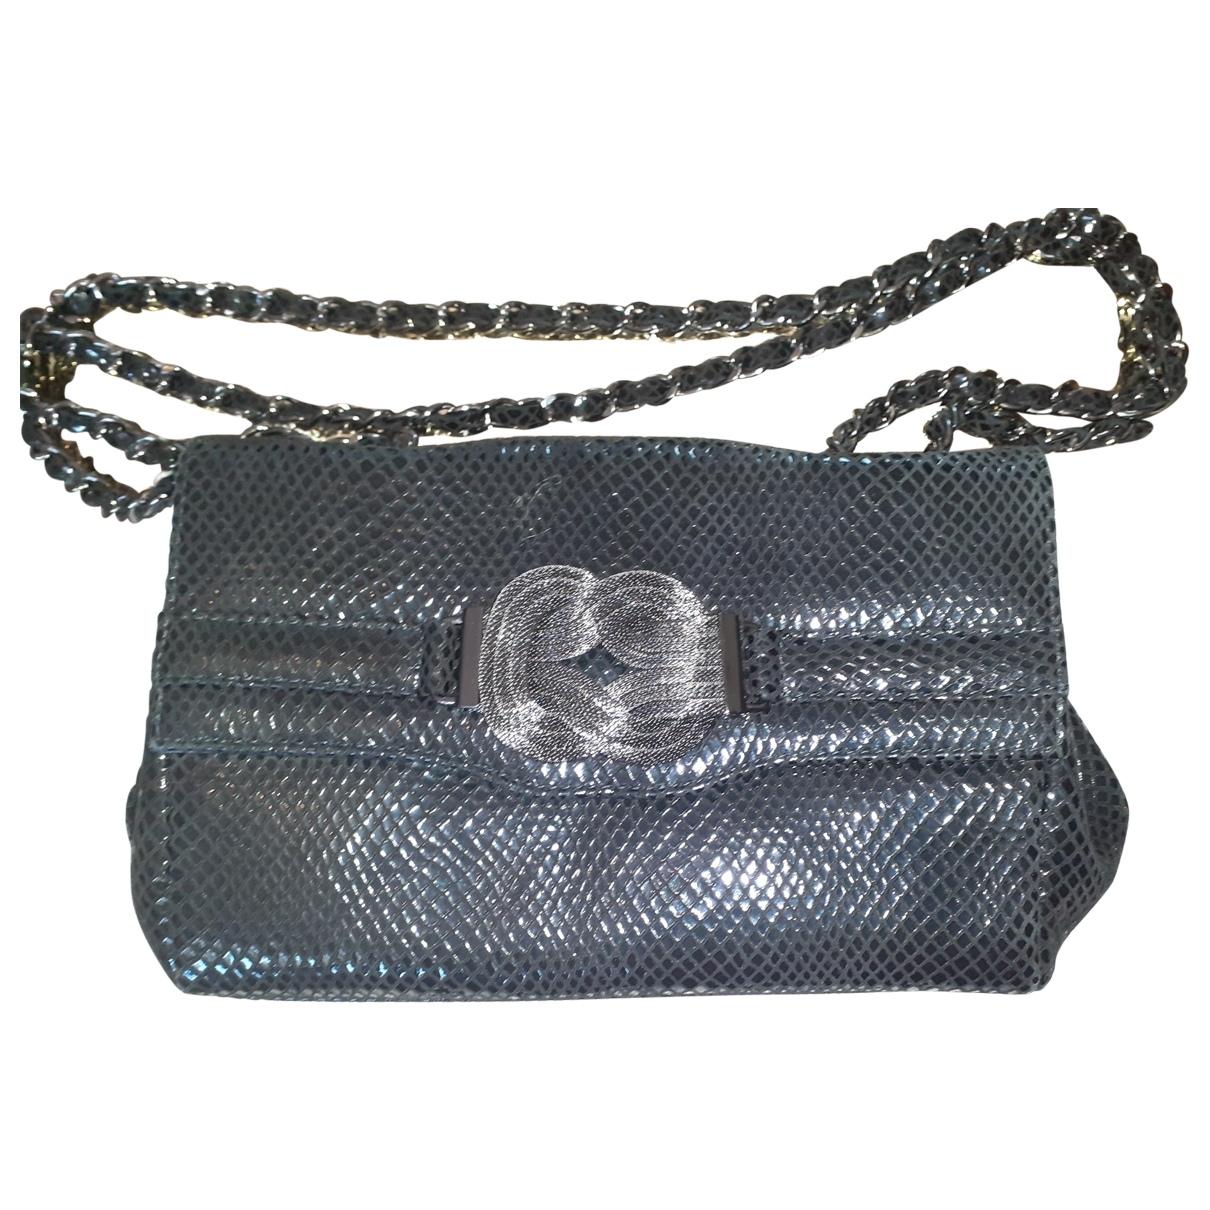 Russell & Bromley \N Handtasche in  Metallic Mit Pailletten